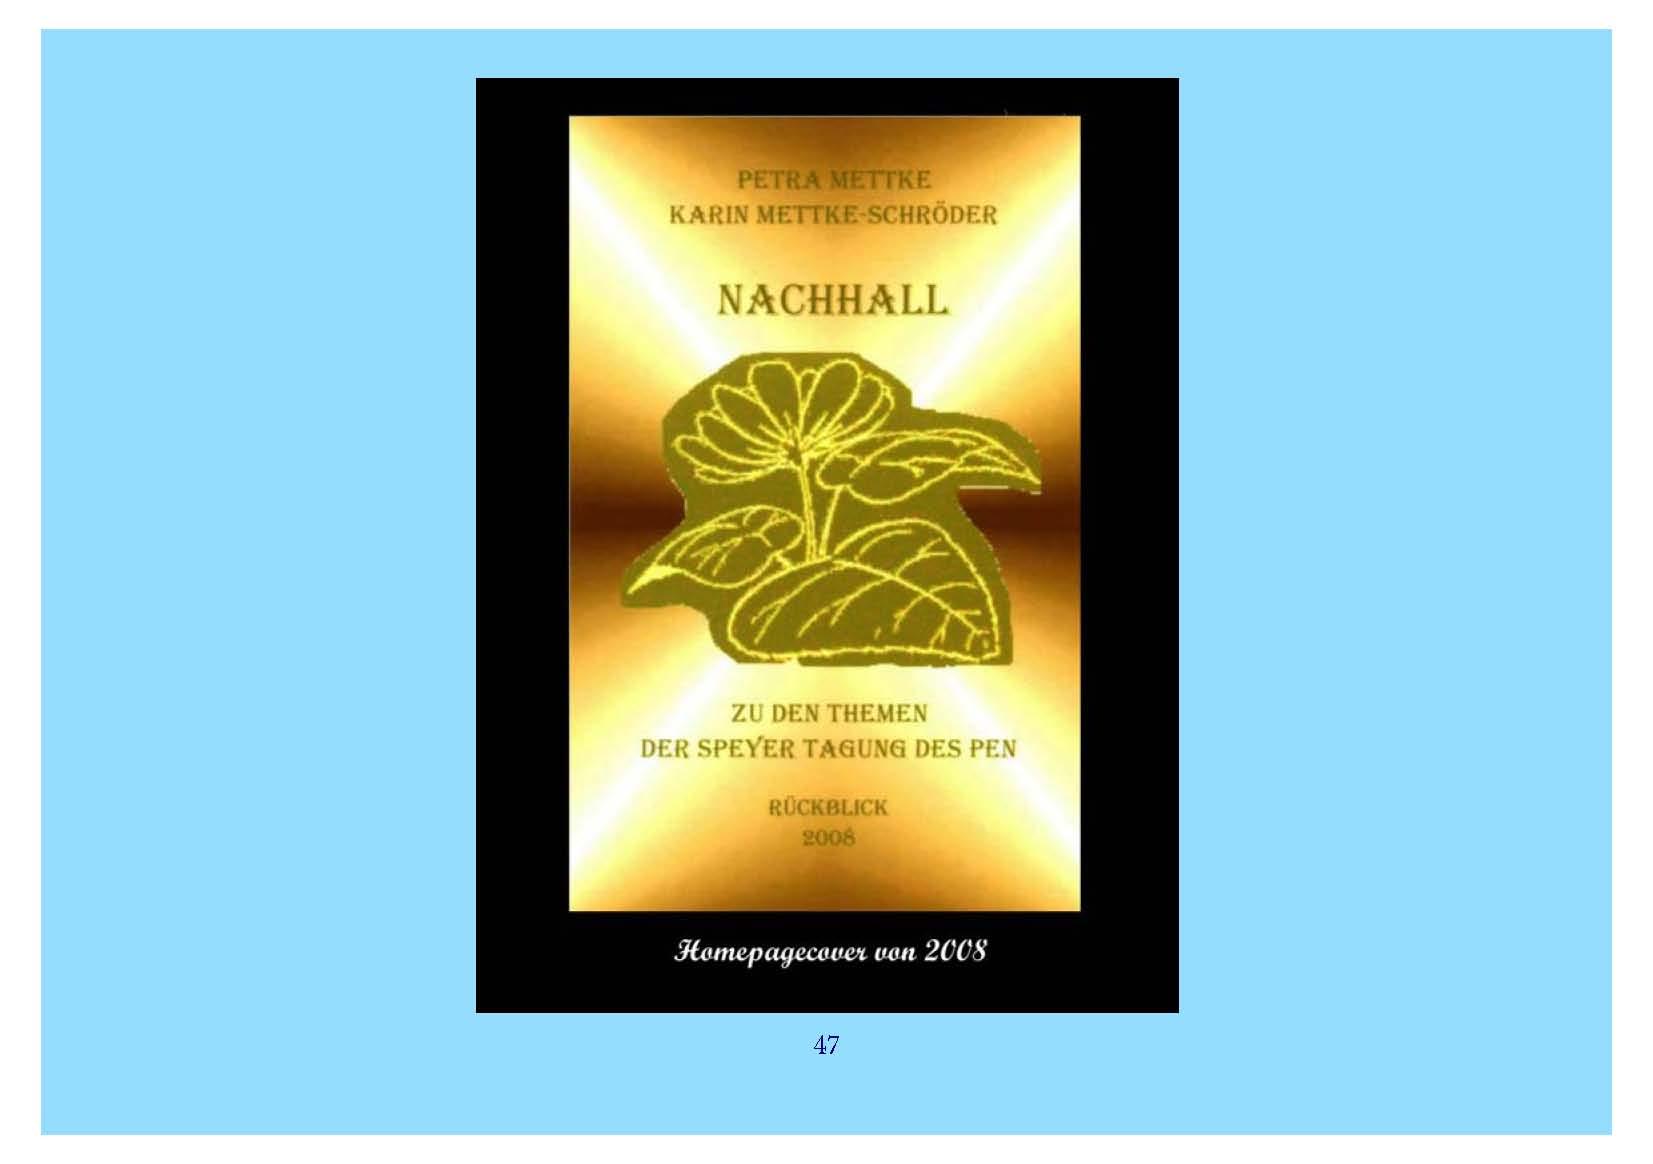 ™Gigabuch-Bibliothek/iAutobiographie Band 15/Bild 1126